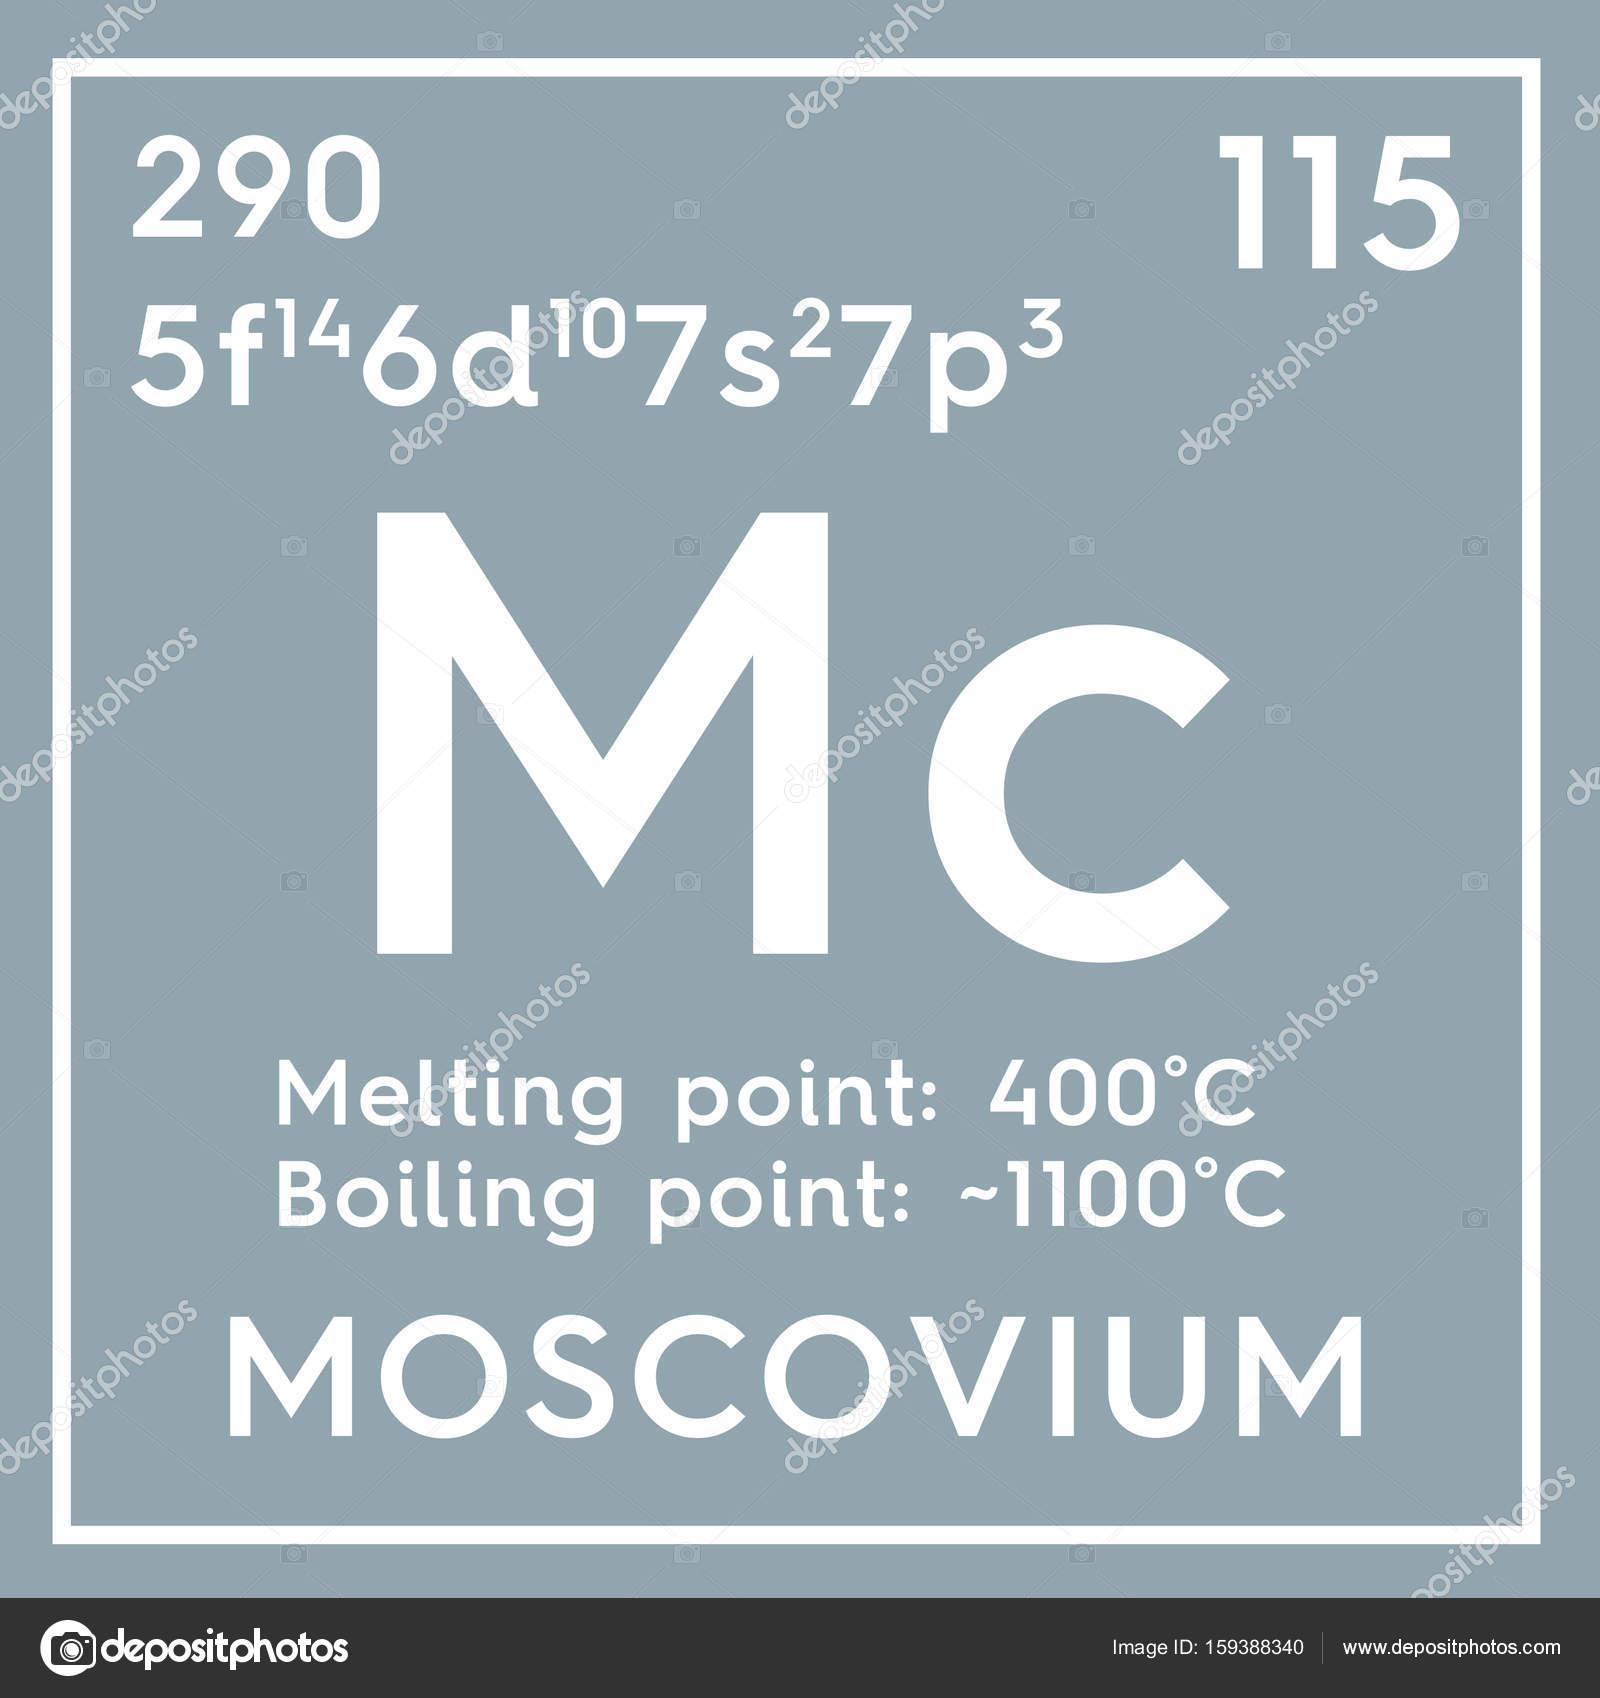 Moscovium despus de la transicin los metales elemento qumico de despus de la transicin los metales elemento qumico de la tabla de periodica urtaz Image collections